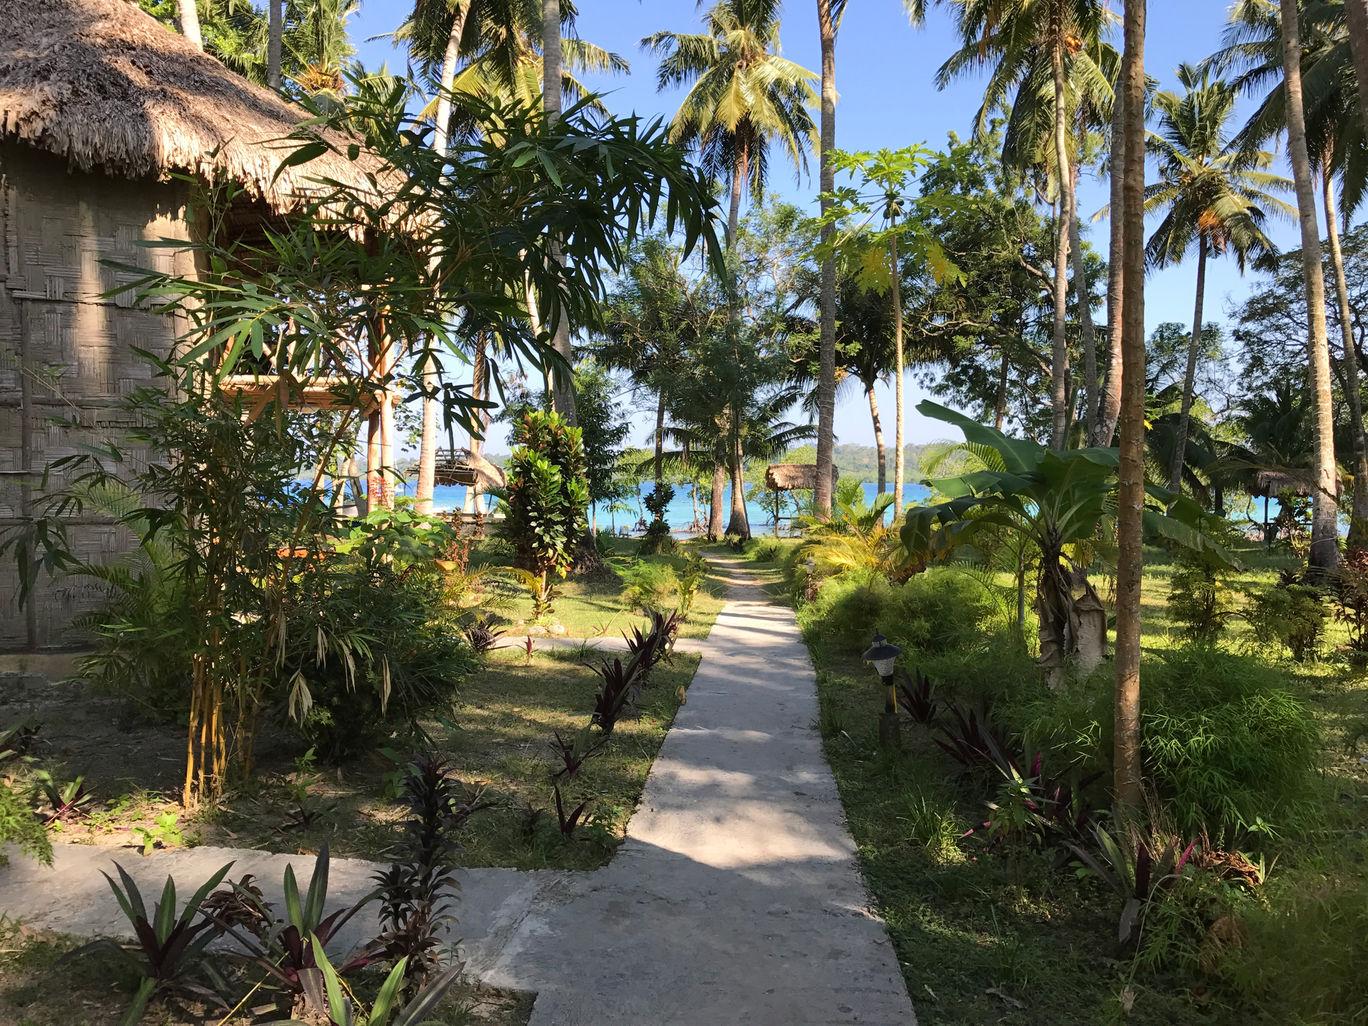 Photo of Andaman and Nicobar Islands By Lakshay Bansal